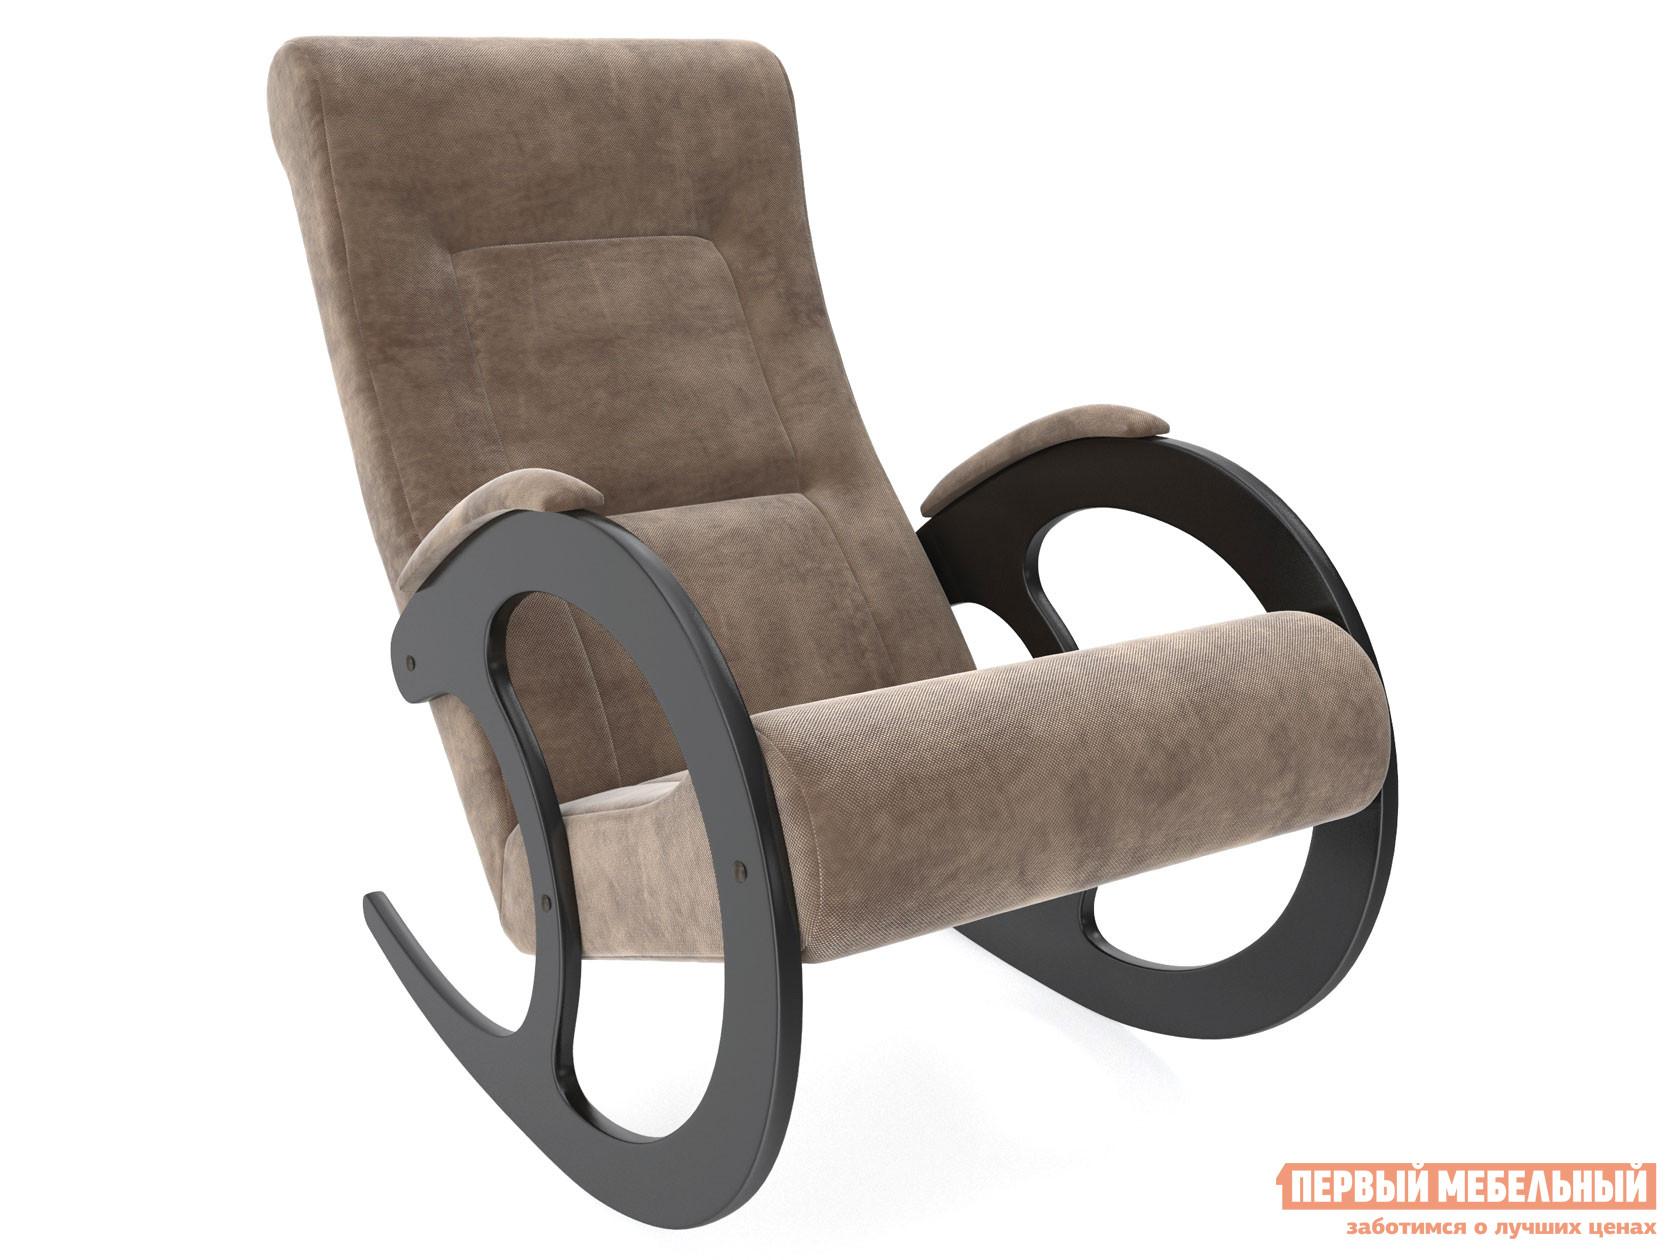 Кресло-качалка  Блуа КР Венге, Verona Brown, велюр Мебель Импэкс 99916